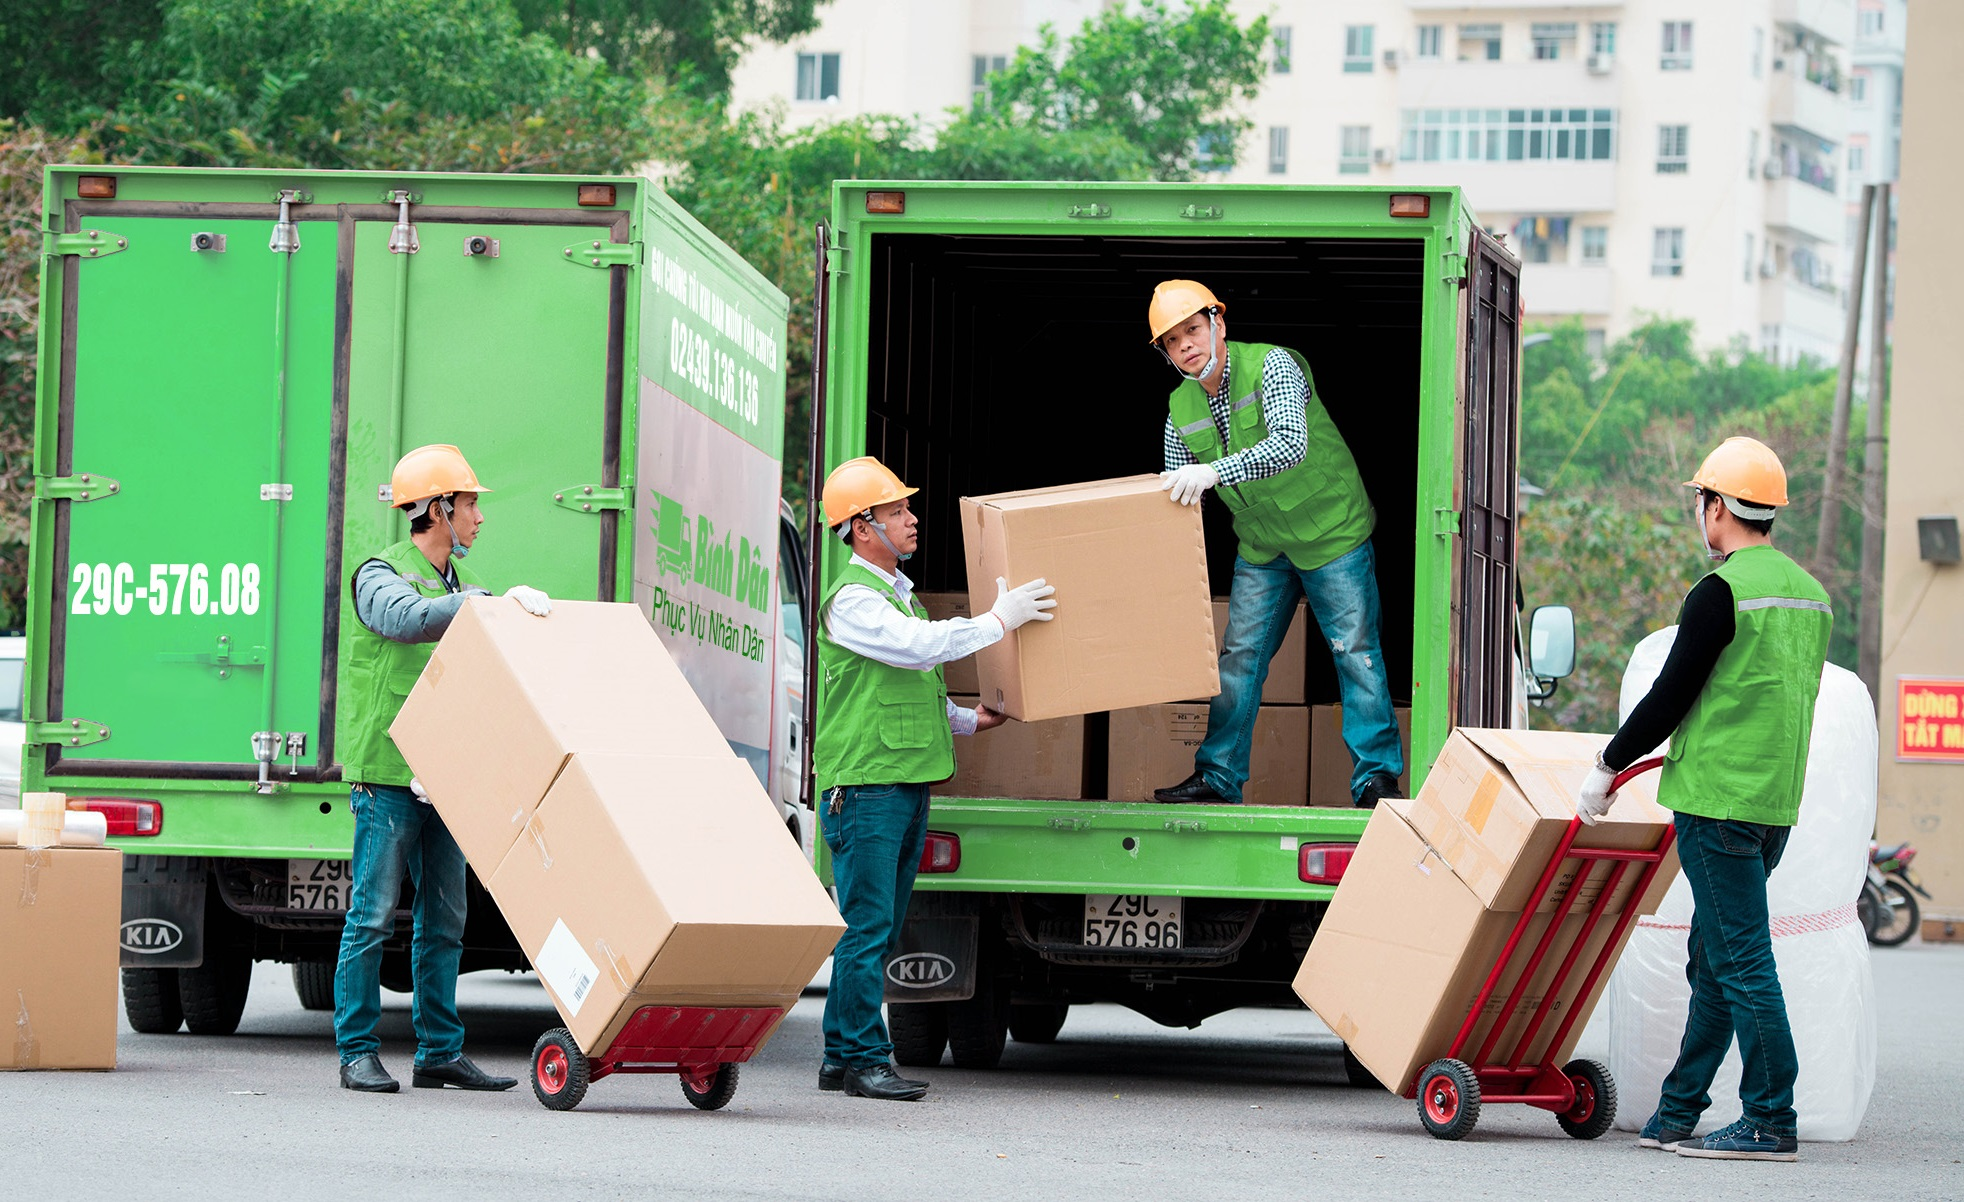 Top 10 dịch vụ bốc xếp hàng hóa chuyên nghiệp tại Tphcm năm 2021